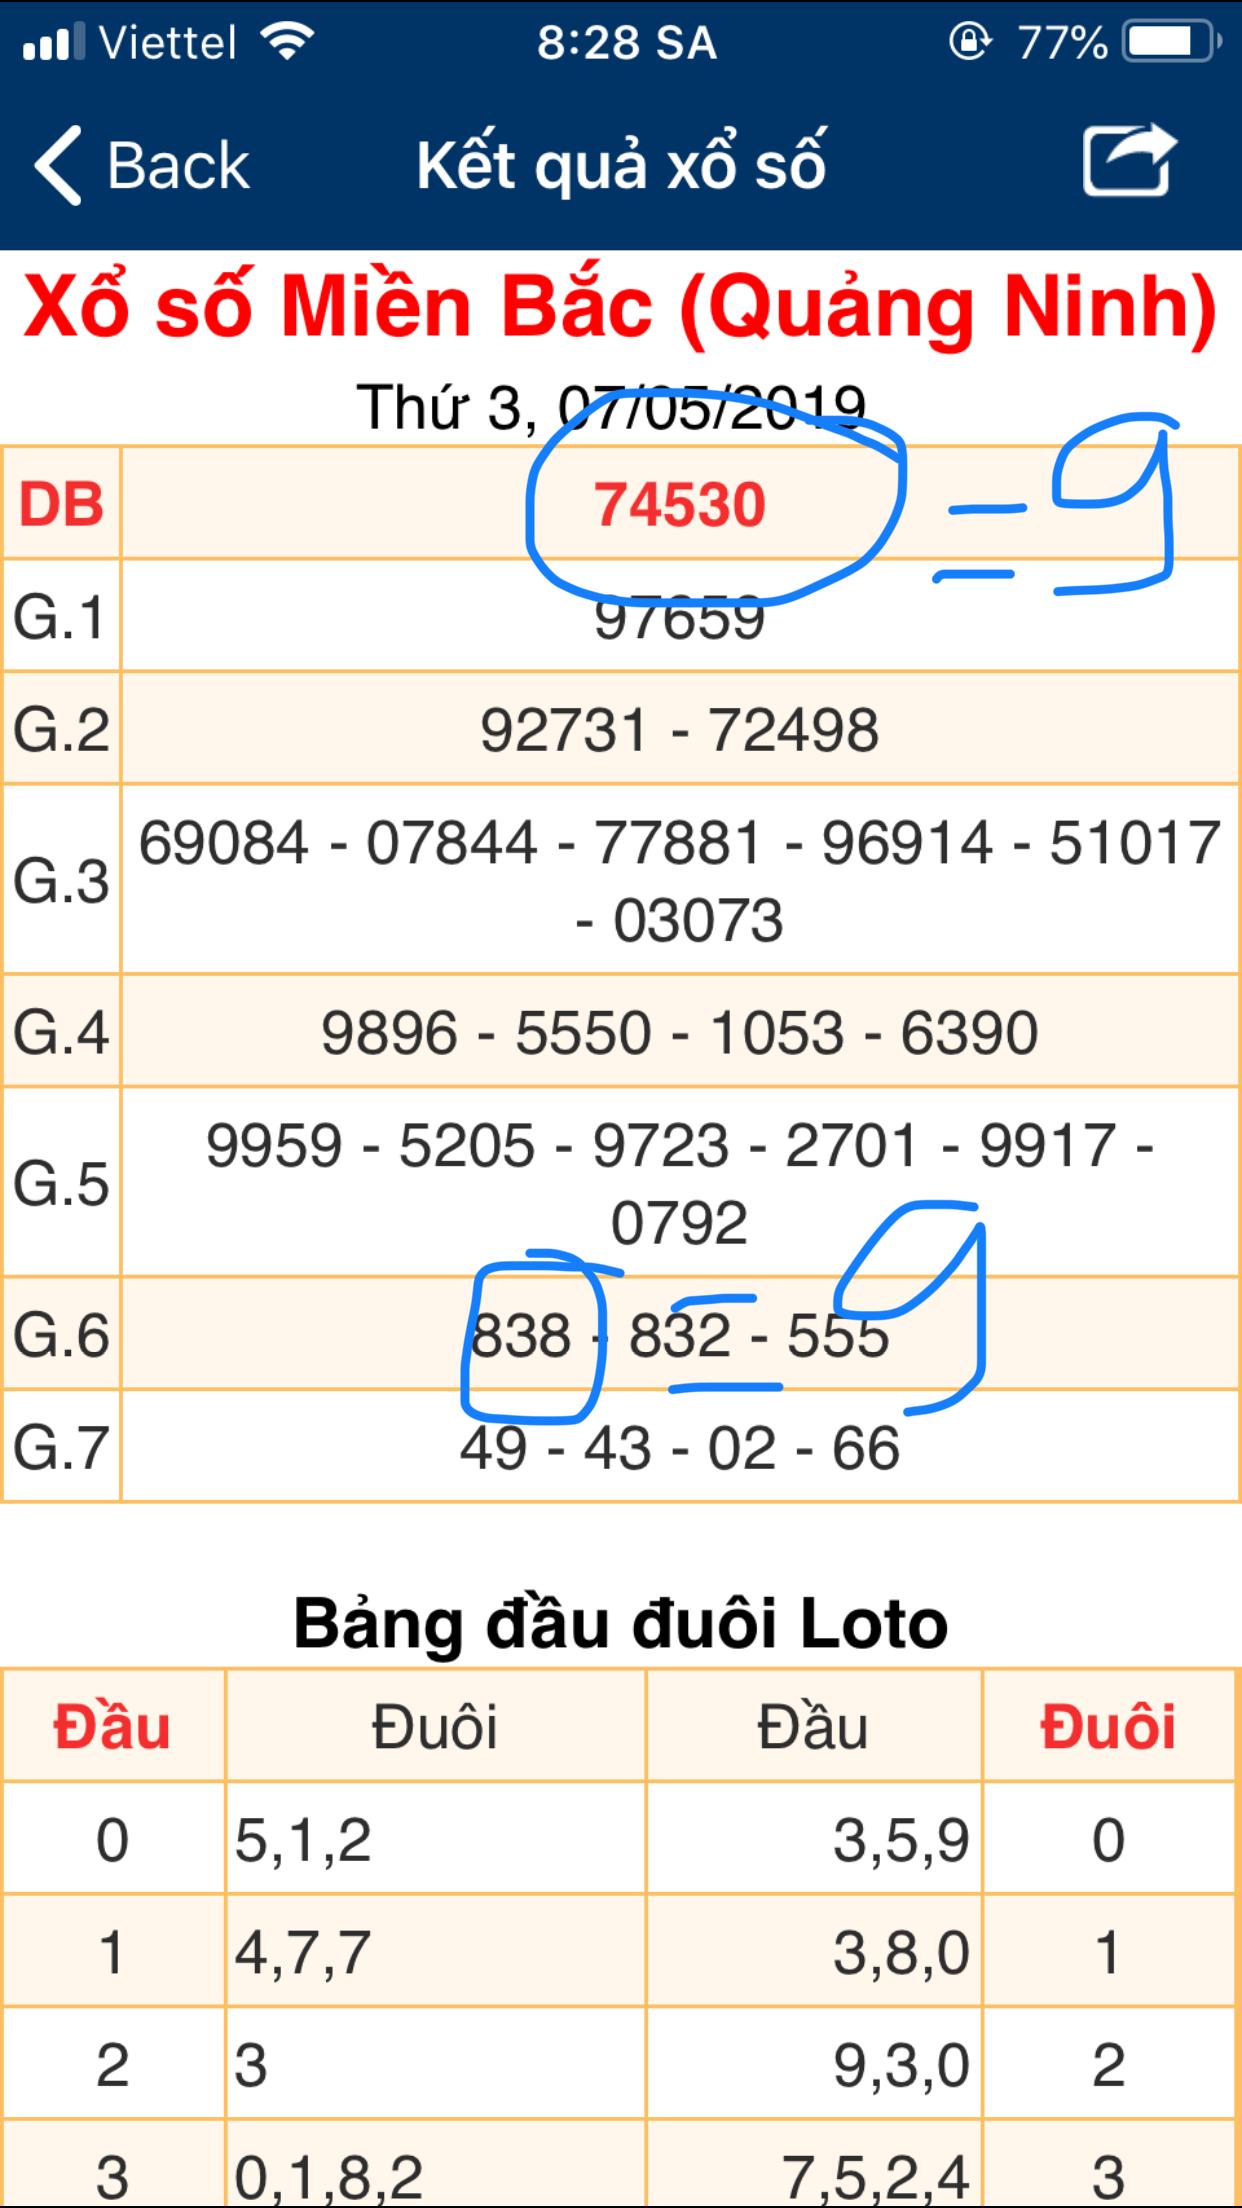 BE22A460-C77E-45FD-A2BB-E406CF8B269A.jpeg